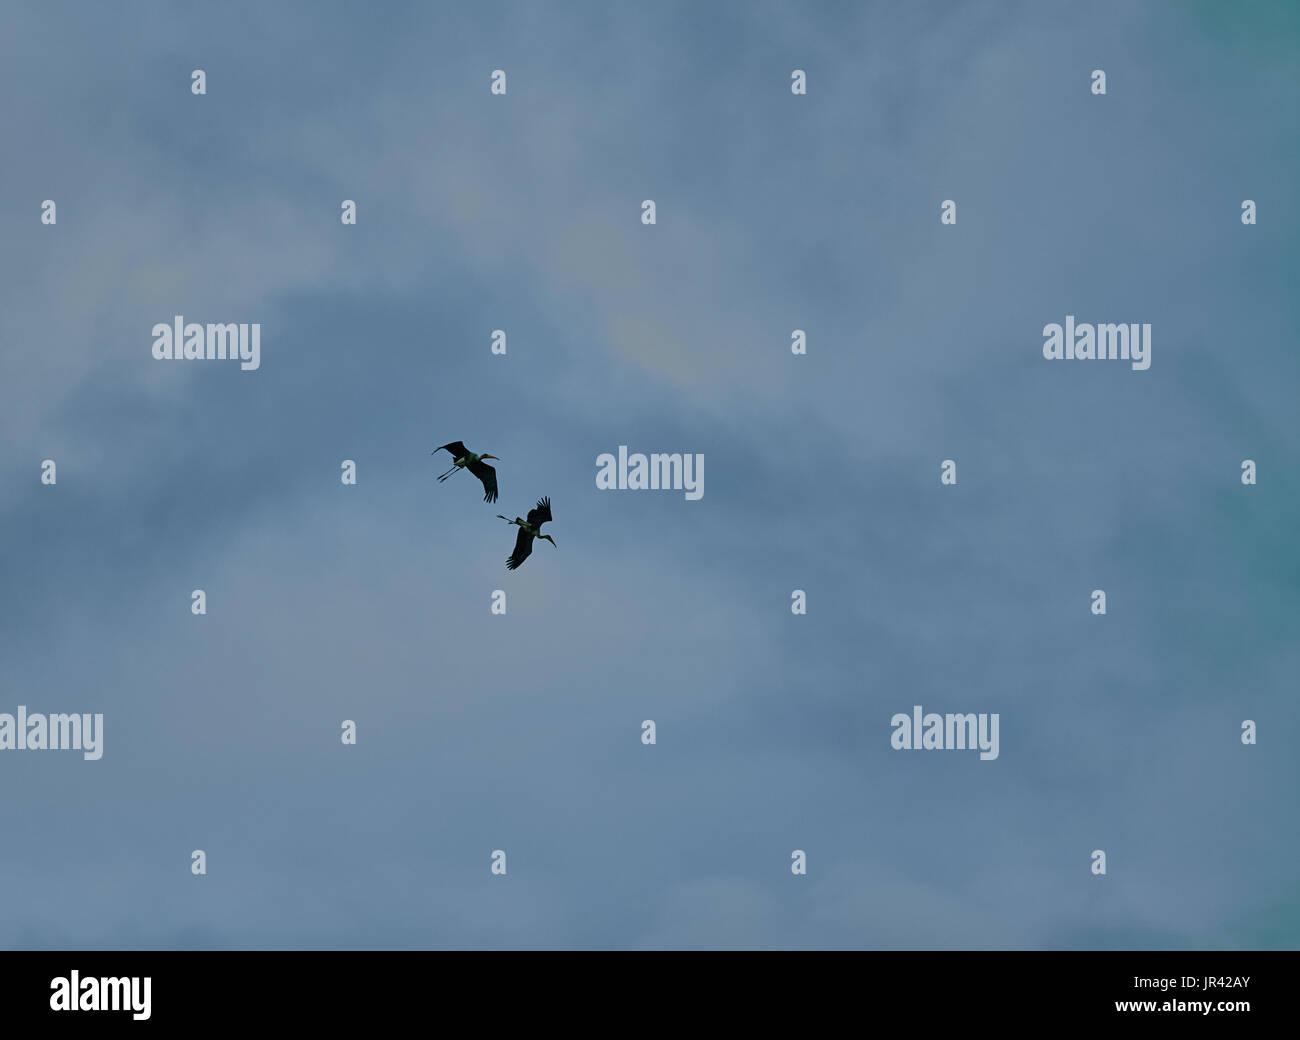 muito adulto grande pássaro pintado cegonha voando com asas completo